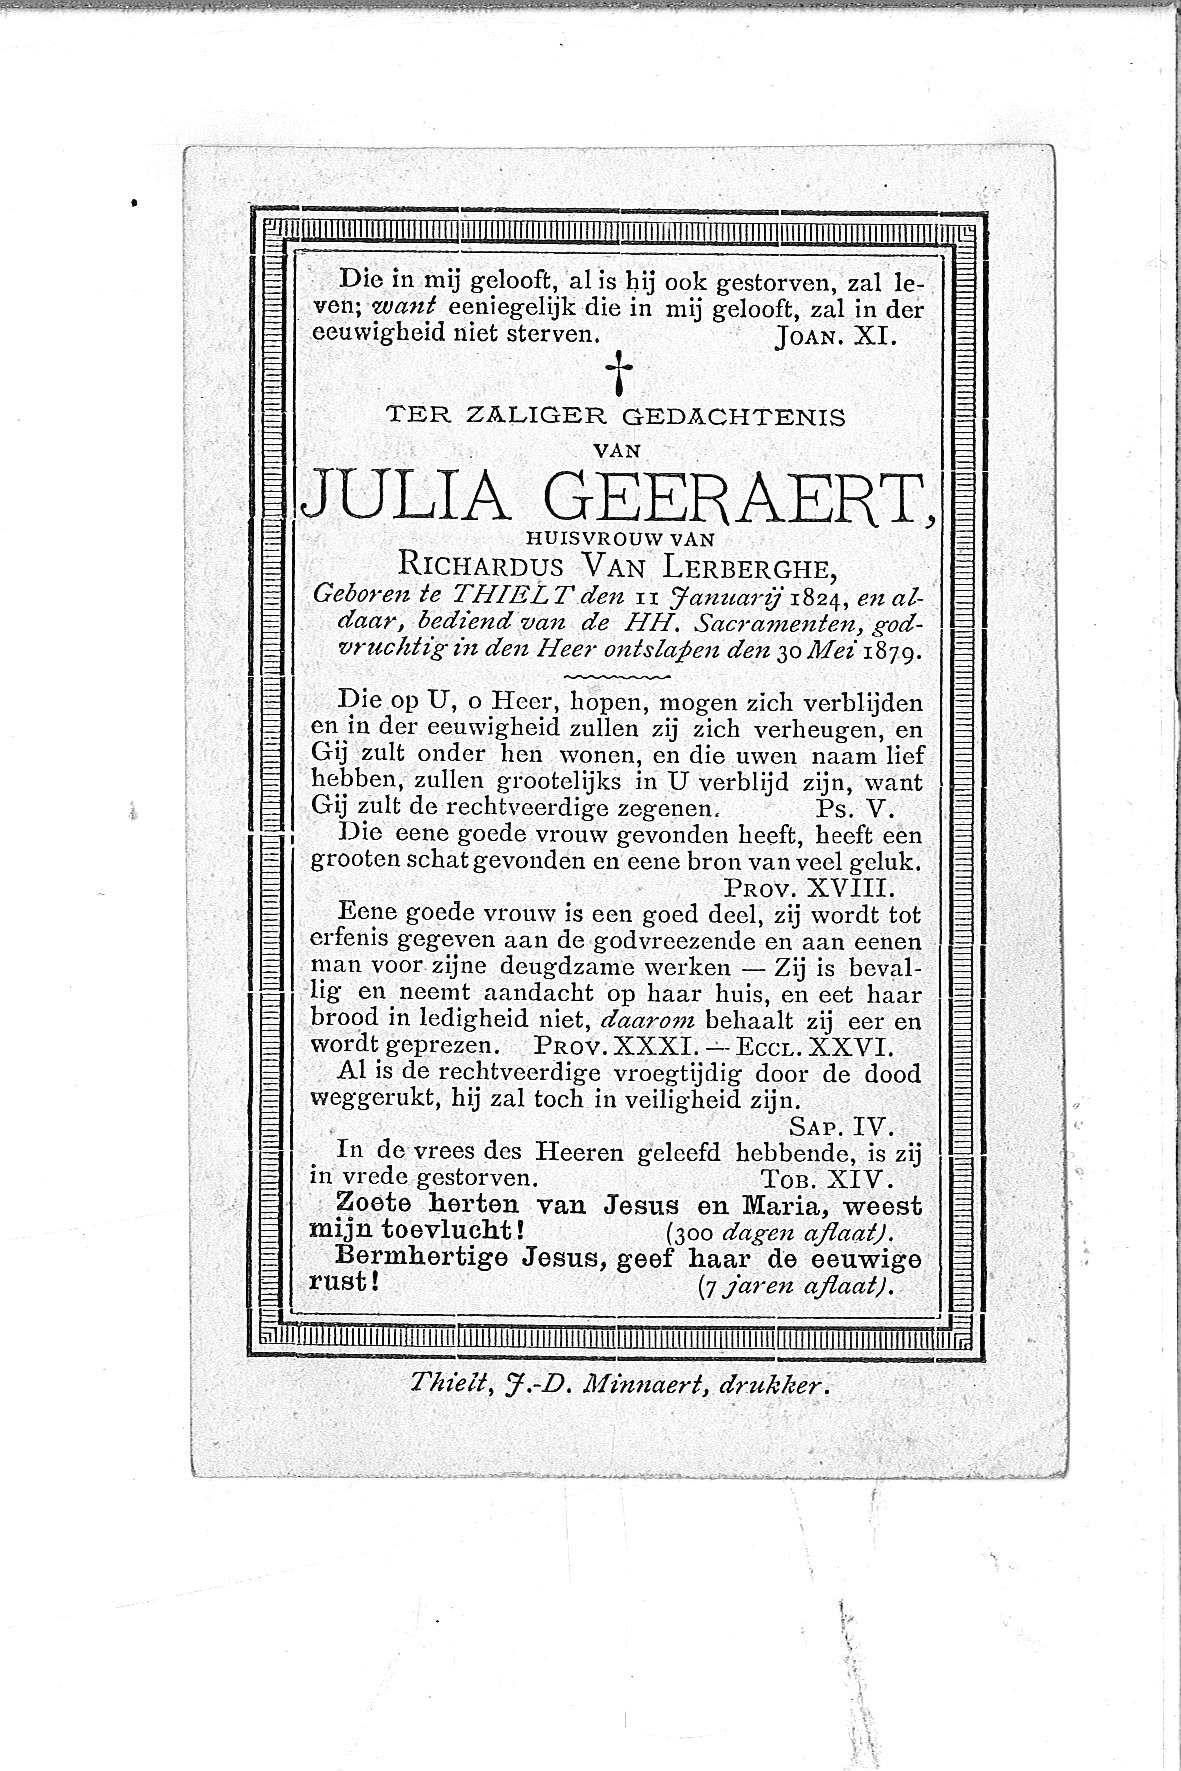 Julia(1879)20130819160133_00010.jpg